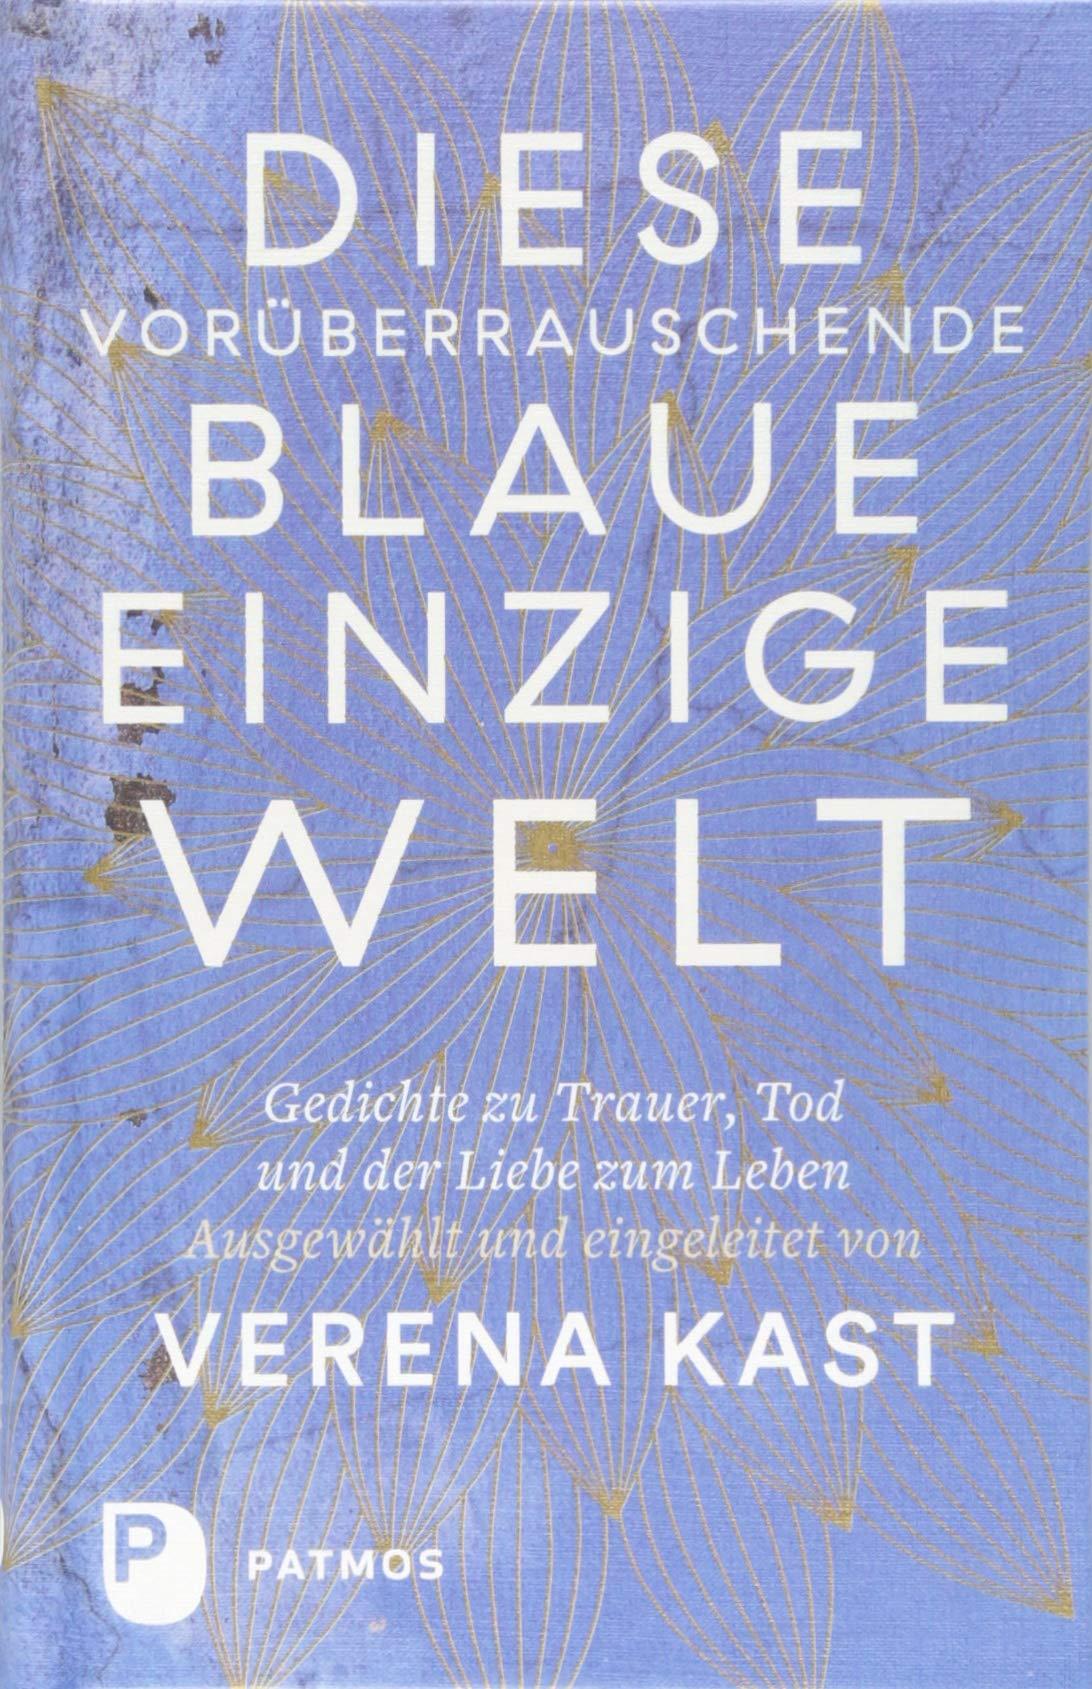 Diese Vorüberrauschende Blaue Einzige Welt Gedichte Zu